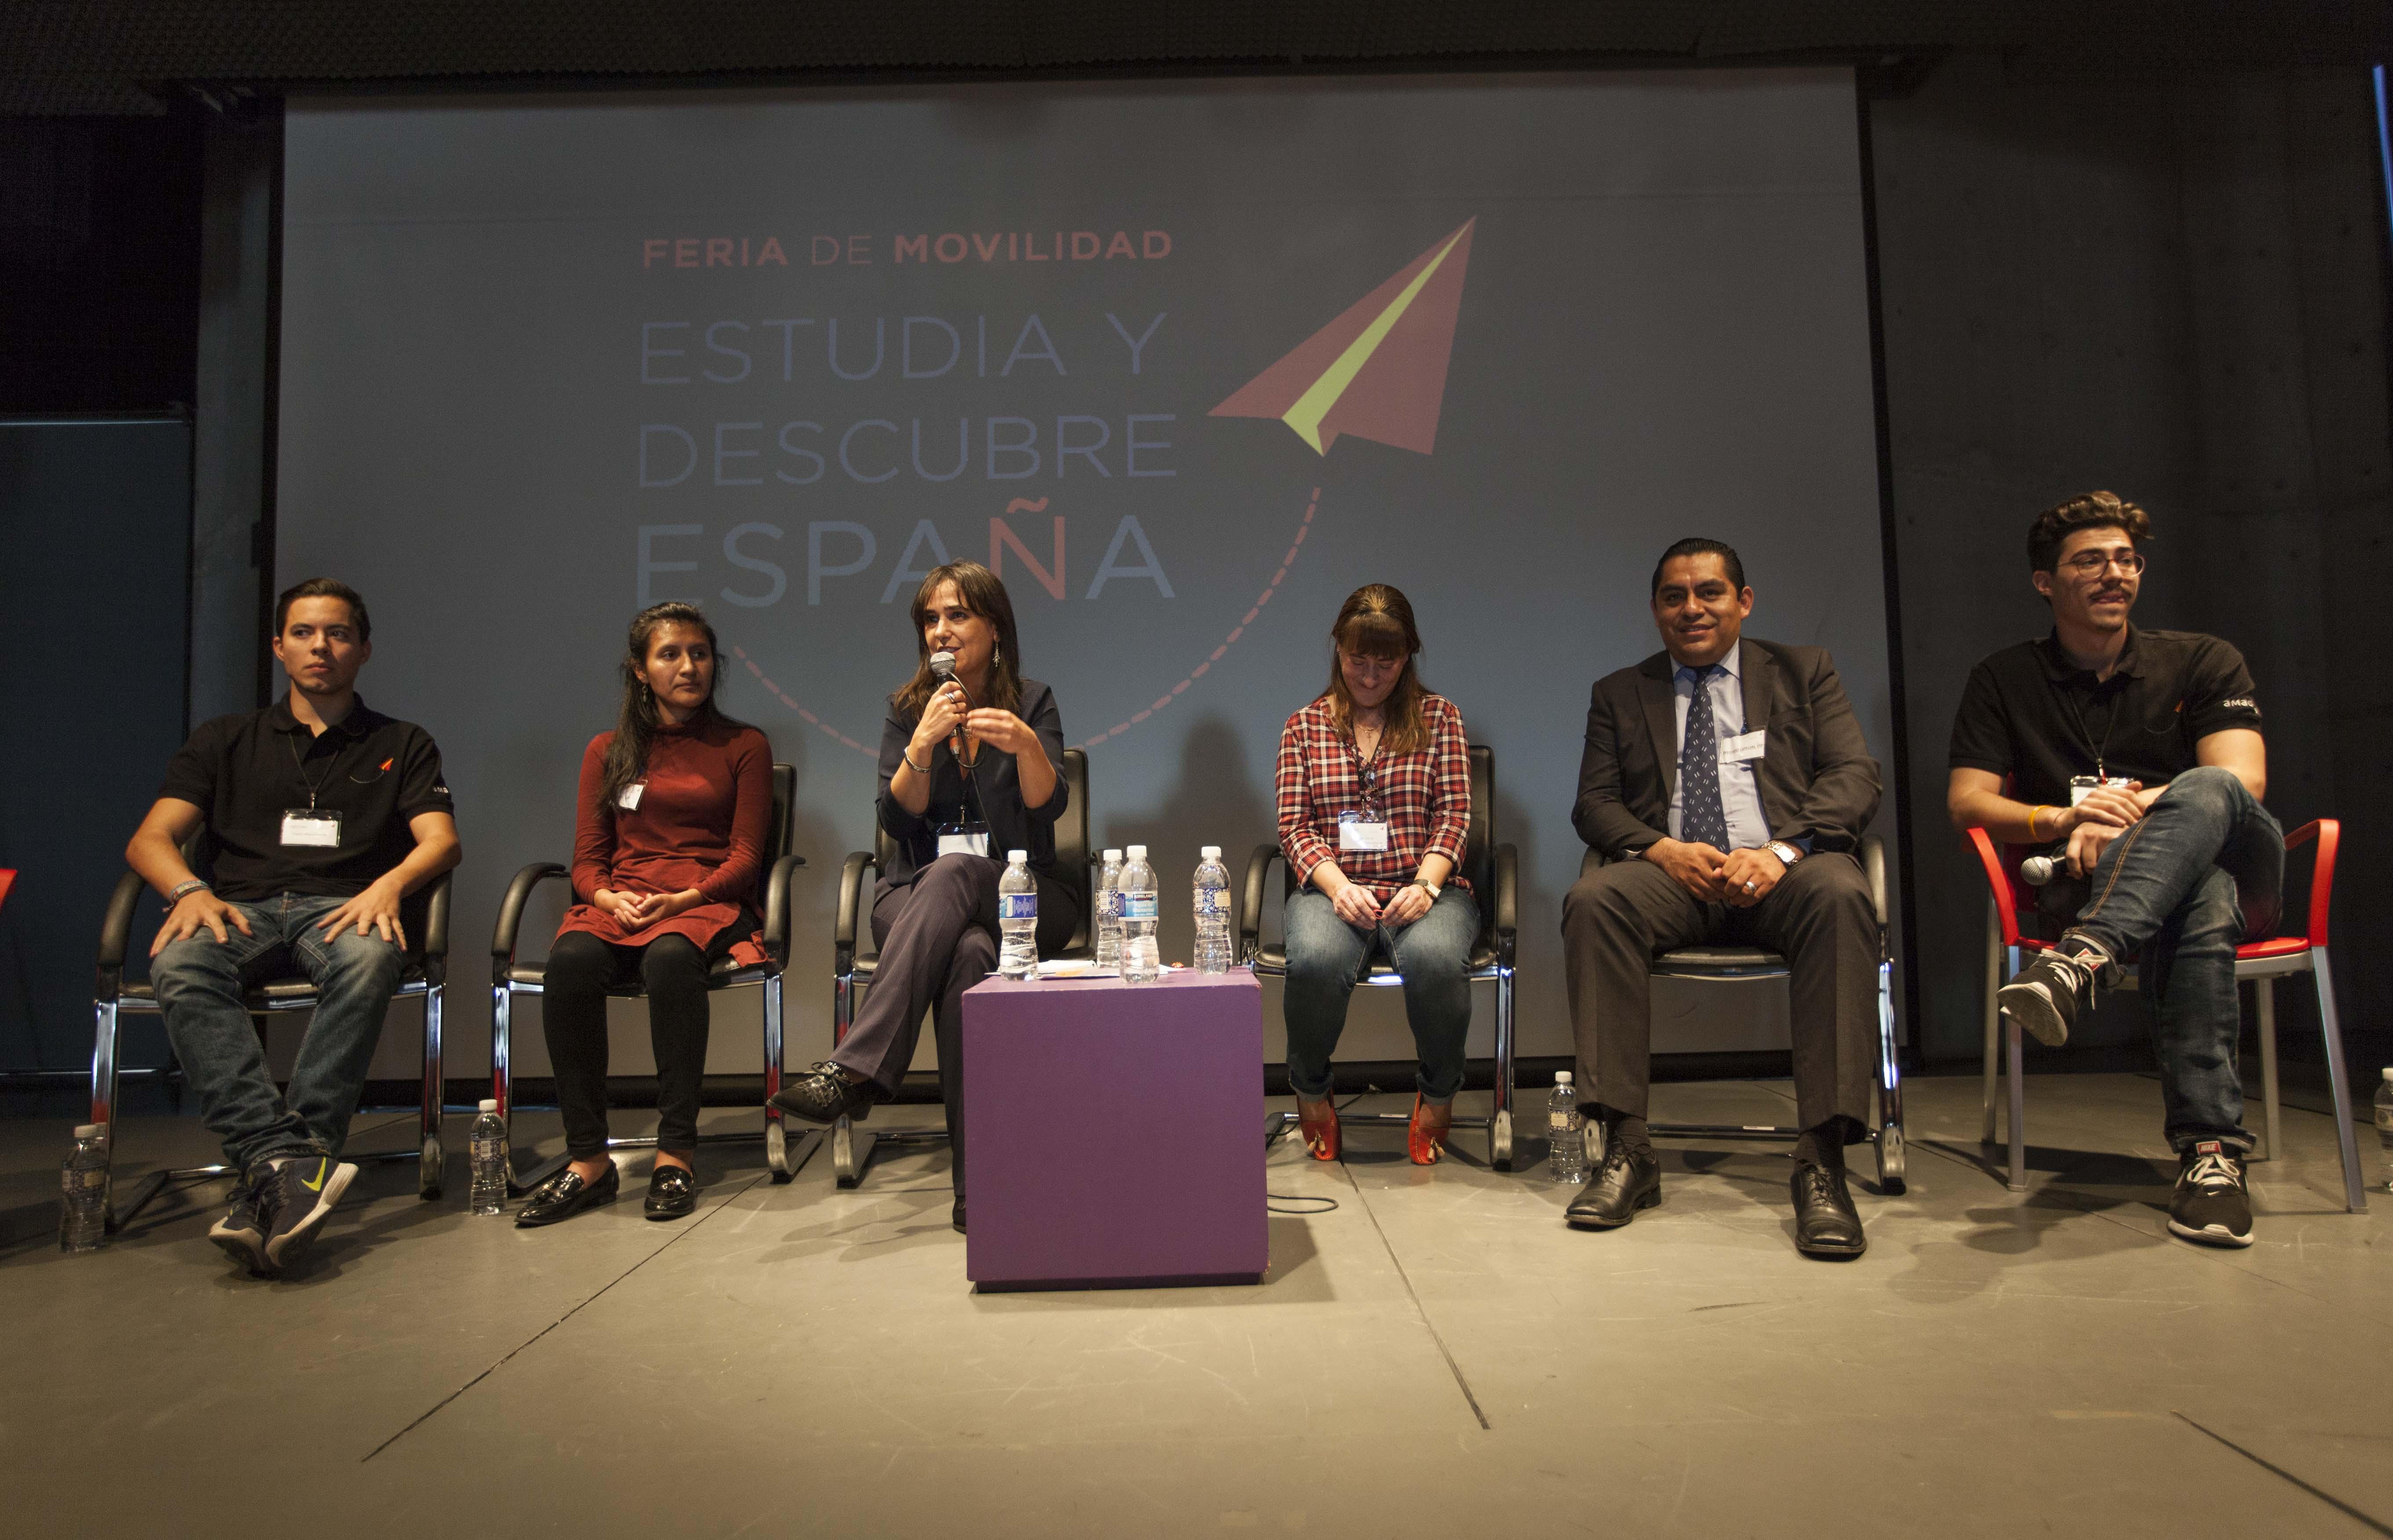 La Universidad de Salamanca participa en la feria de movilidad 'Estudia y descubre España', celebrada en México